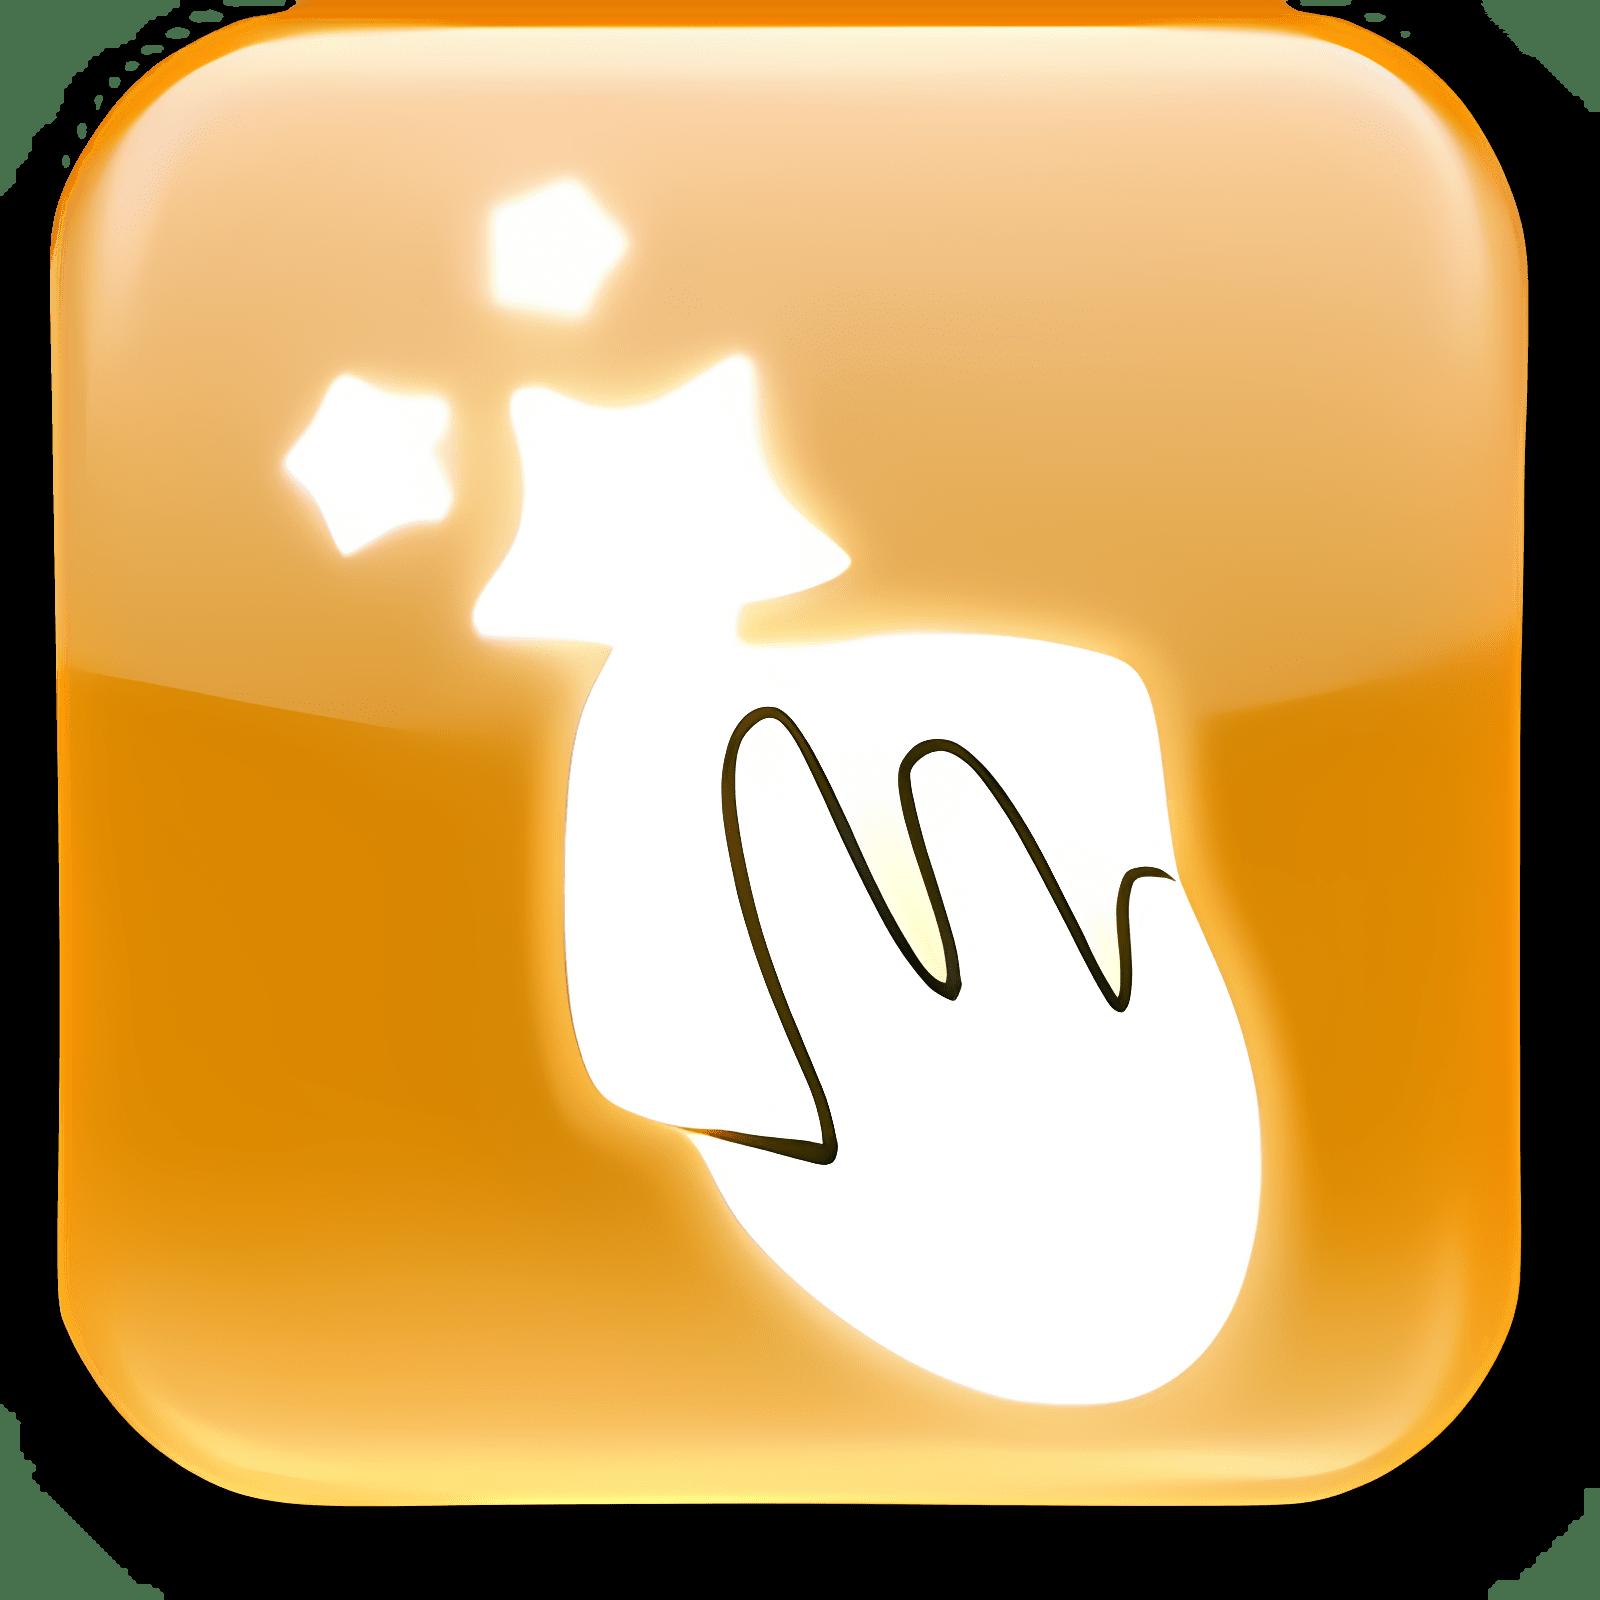 particleIllusion 3.0.4